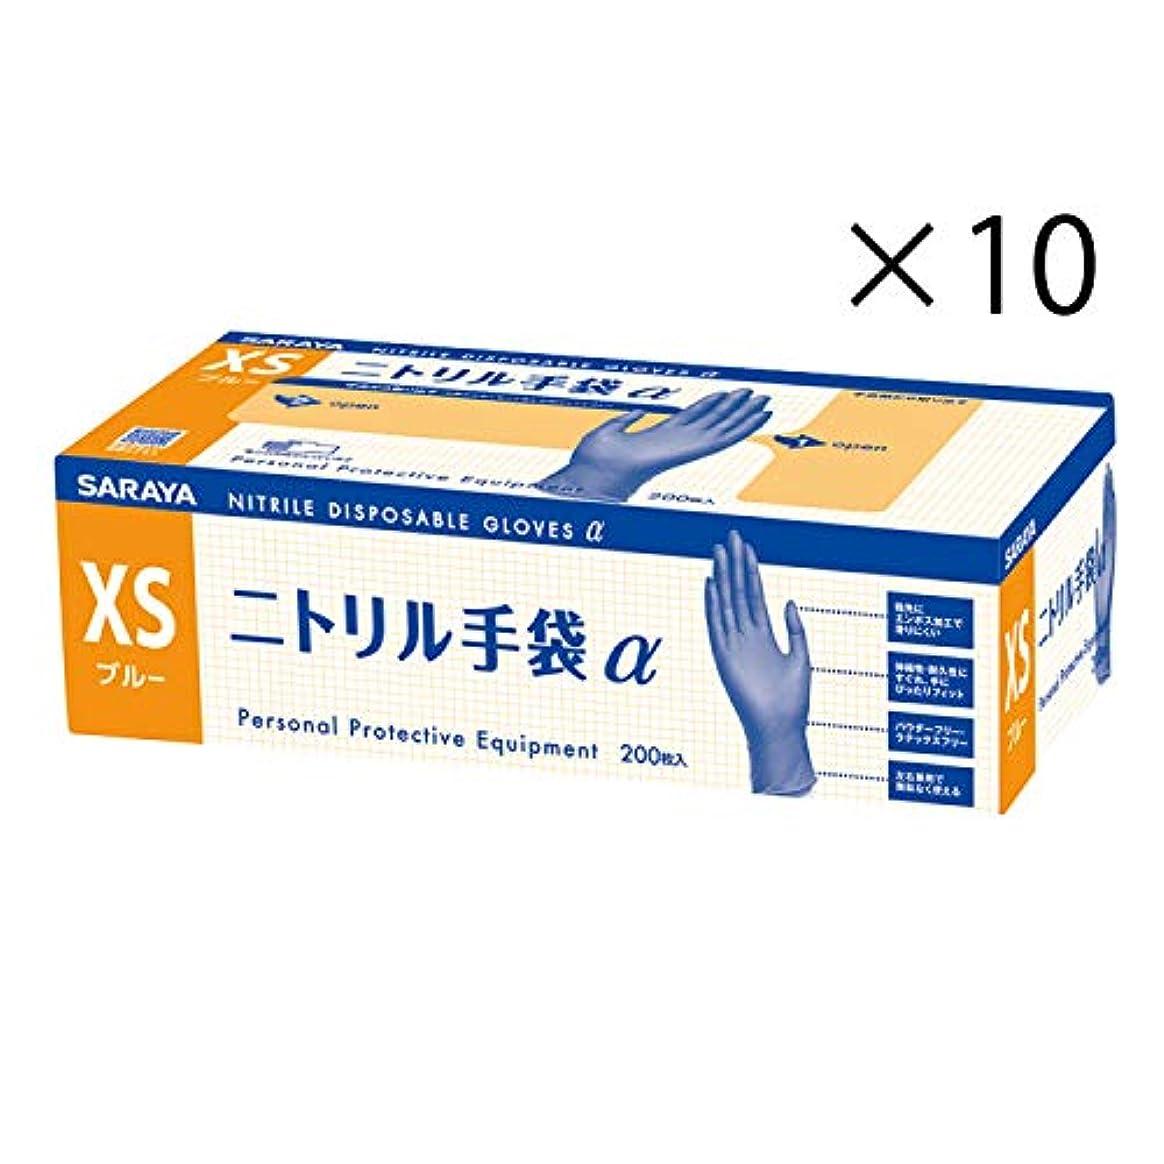 蒸発する十二ニンニクサラヤ ニトリル手袋α ブルー XS 200枚×10箱 50996